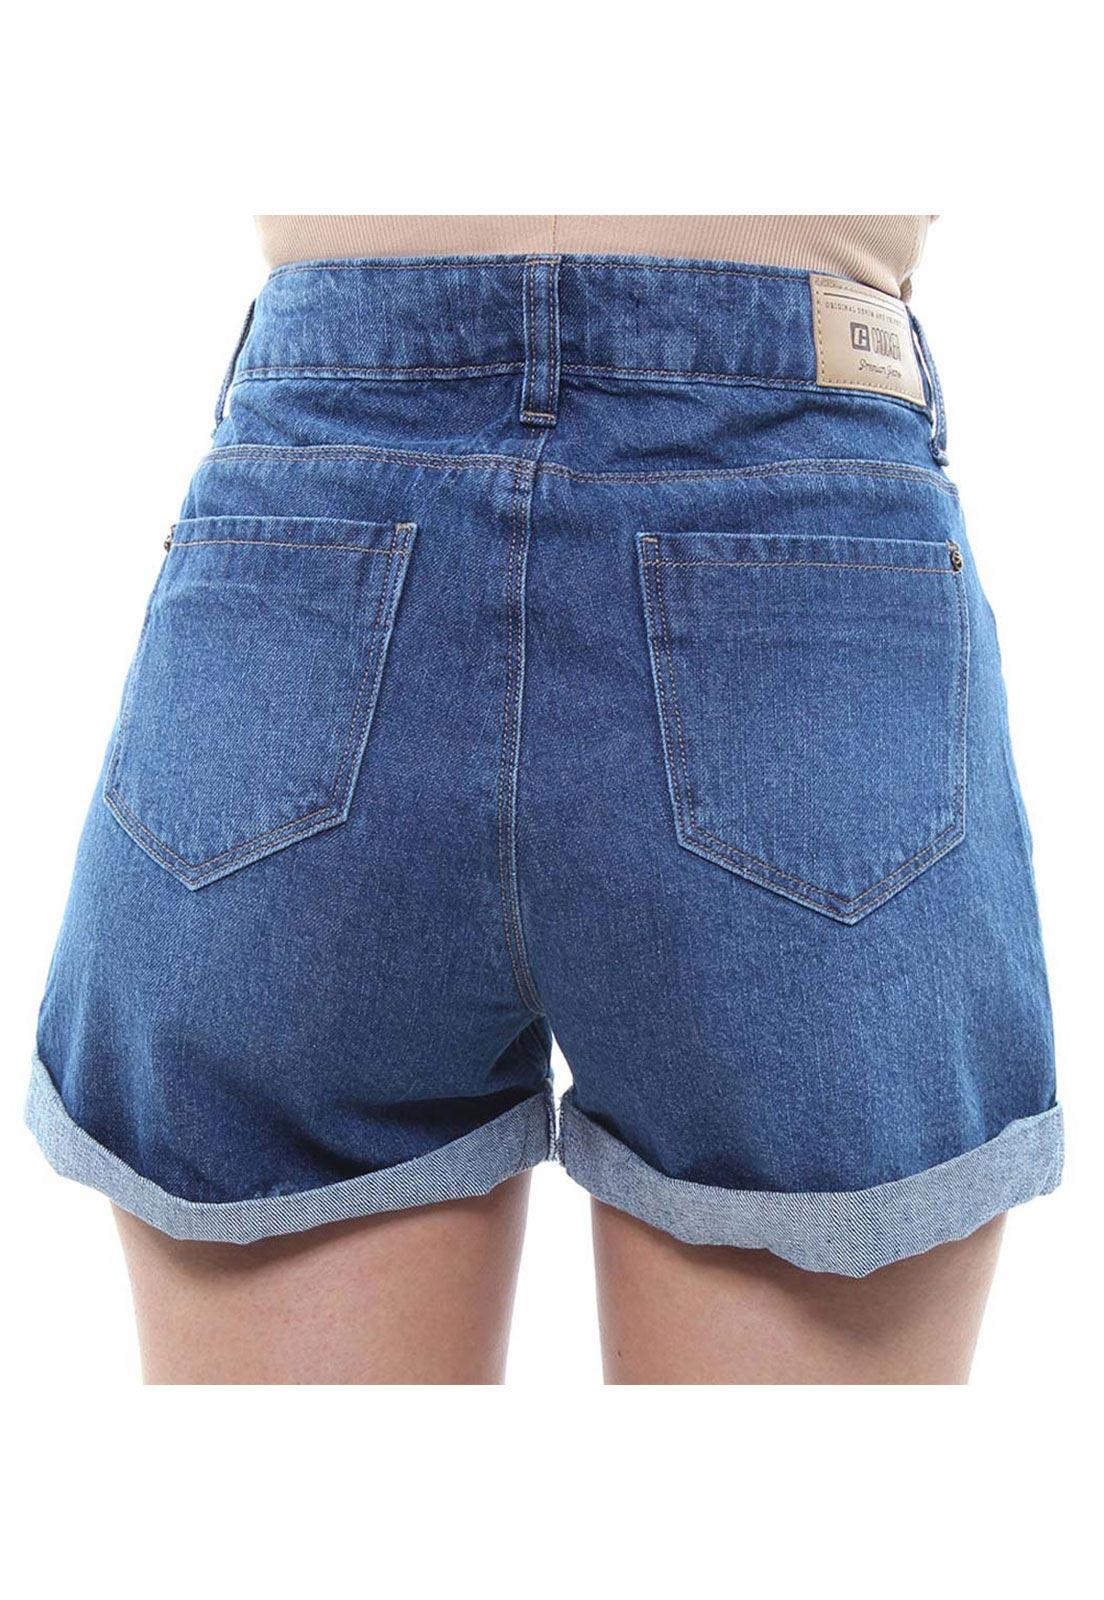 Short Jeans Feminino Curto Destroyed Assimétrico Com Barra Dobrada Crocker - 47921